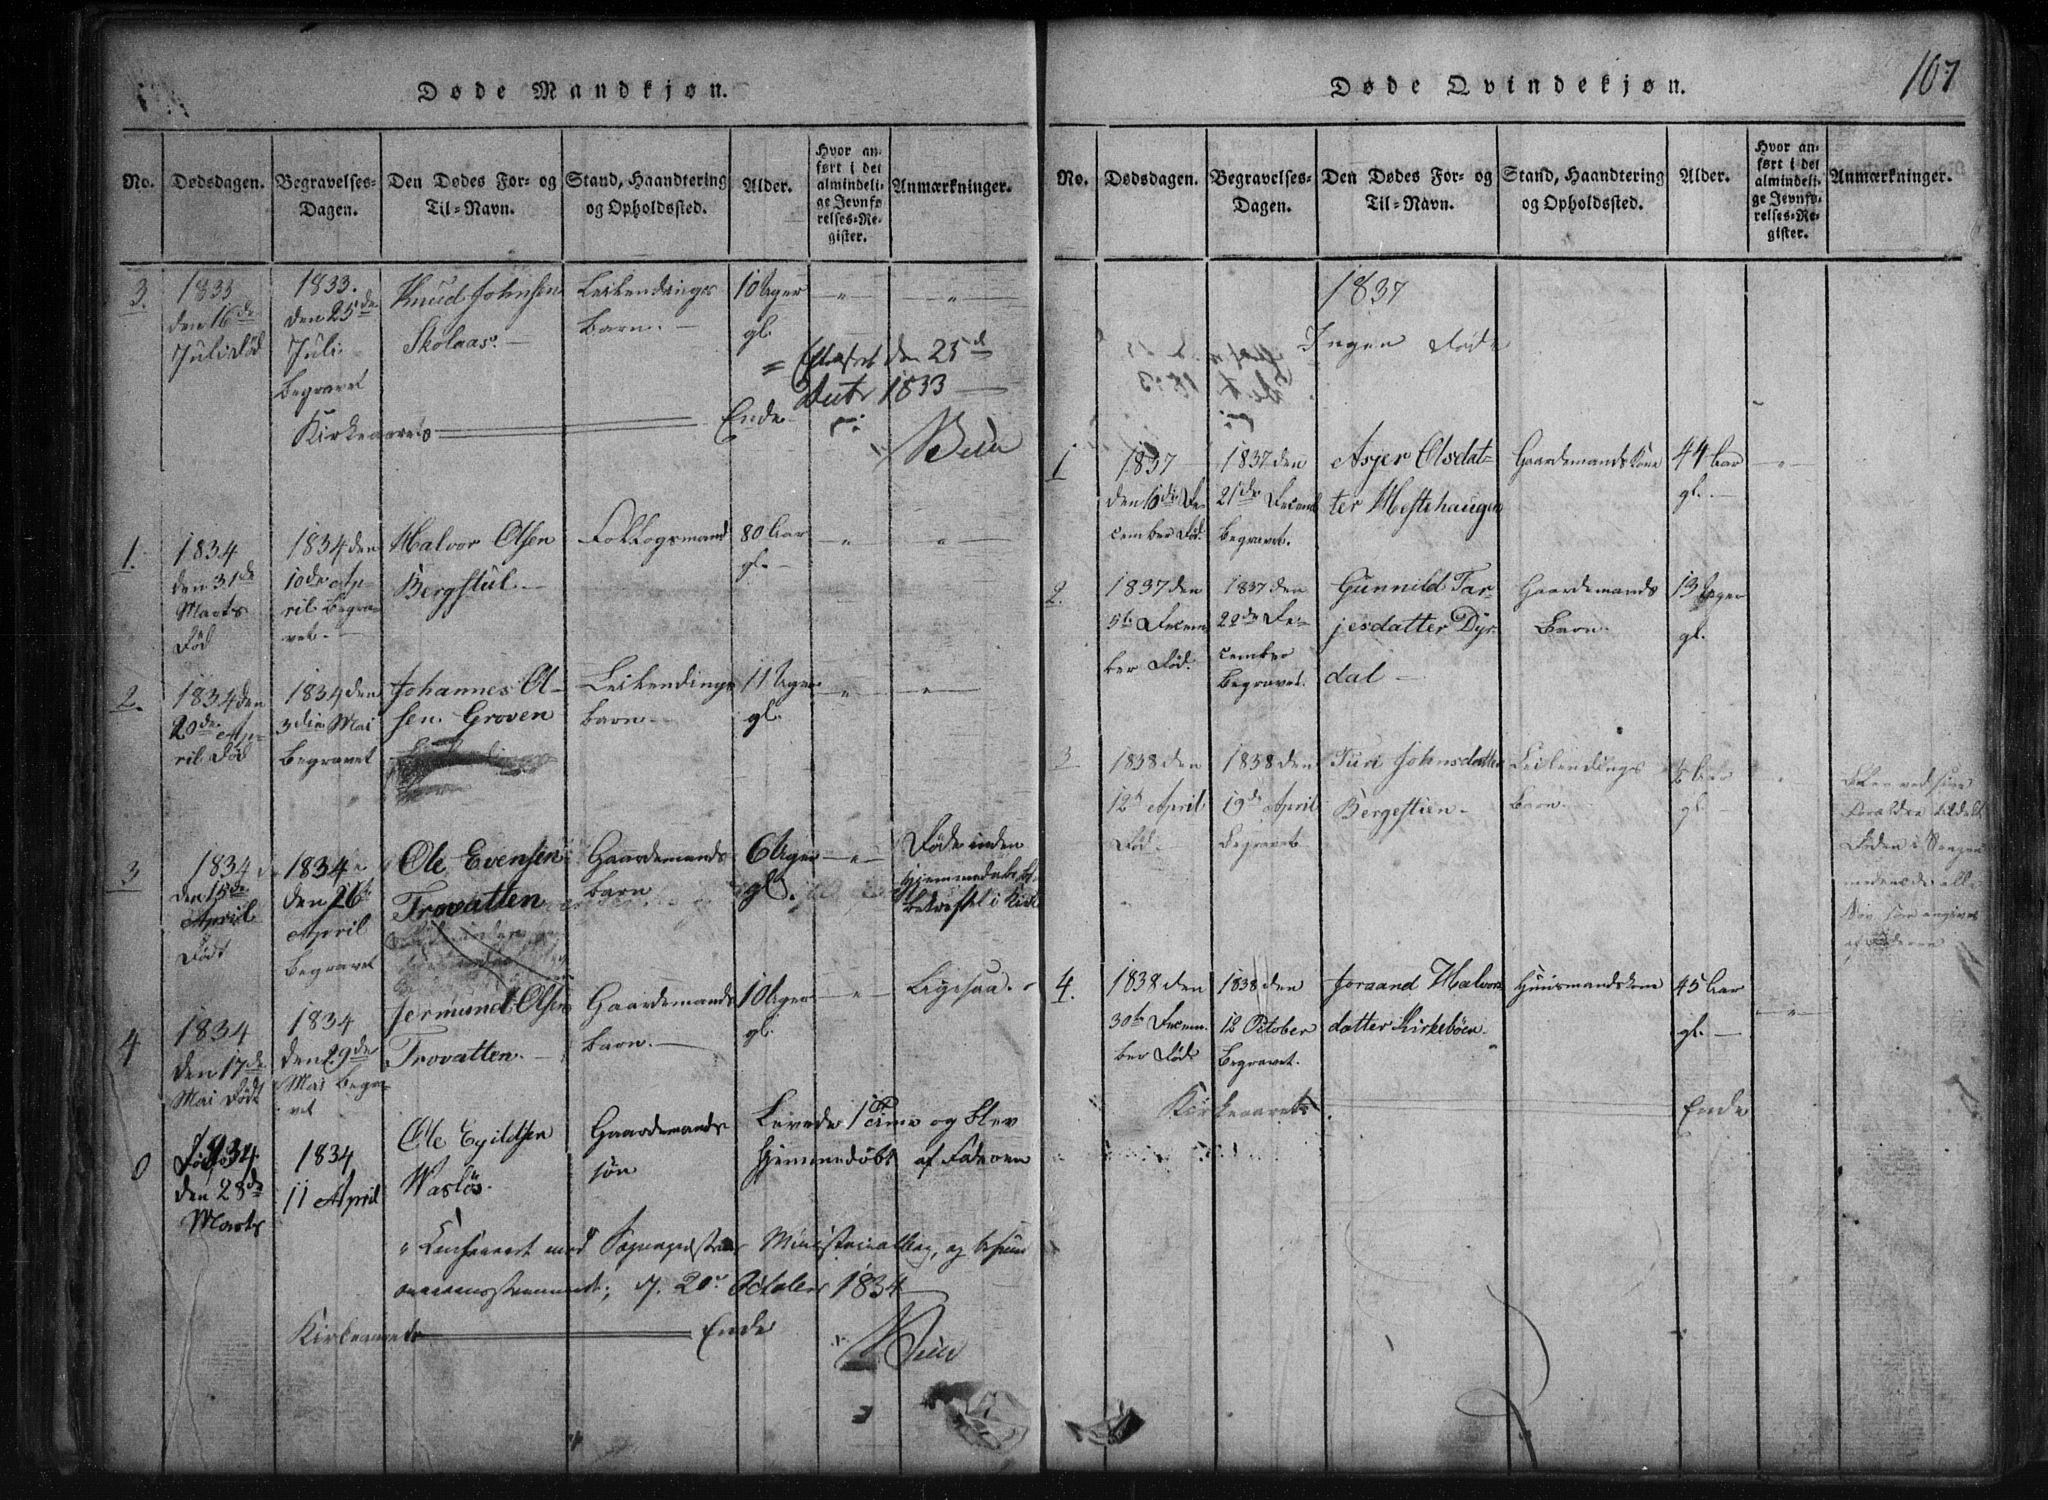 SAKO, Rauland kirkebøker, G/Gb/L0001: Klokkerbok nr. II 1, 1815-1886, s. 107